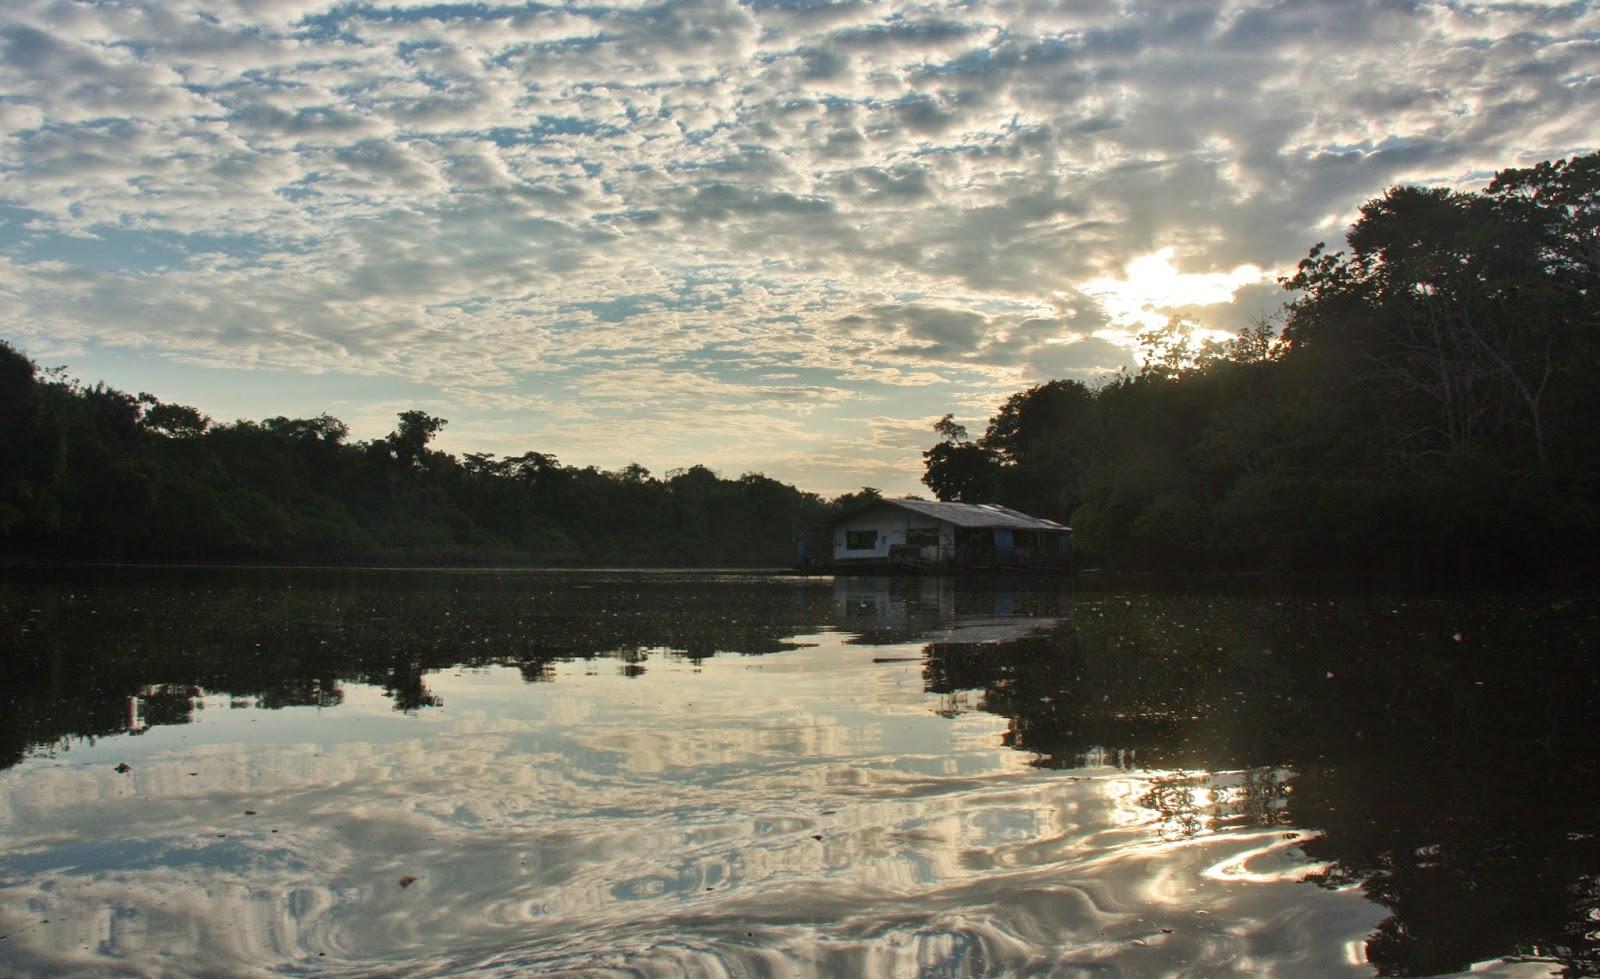 Reflexo nas águas do Rio Japurá, na Reserva Sustentável Mamirauá.